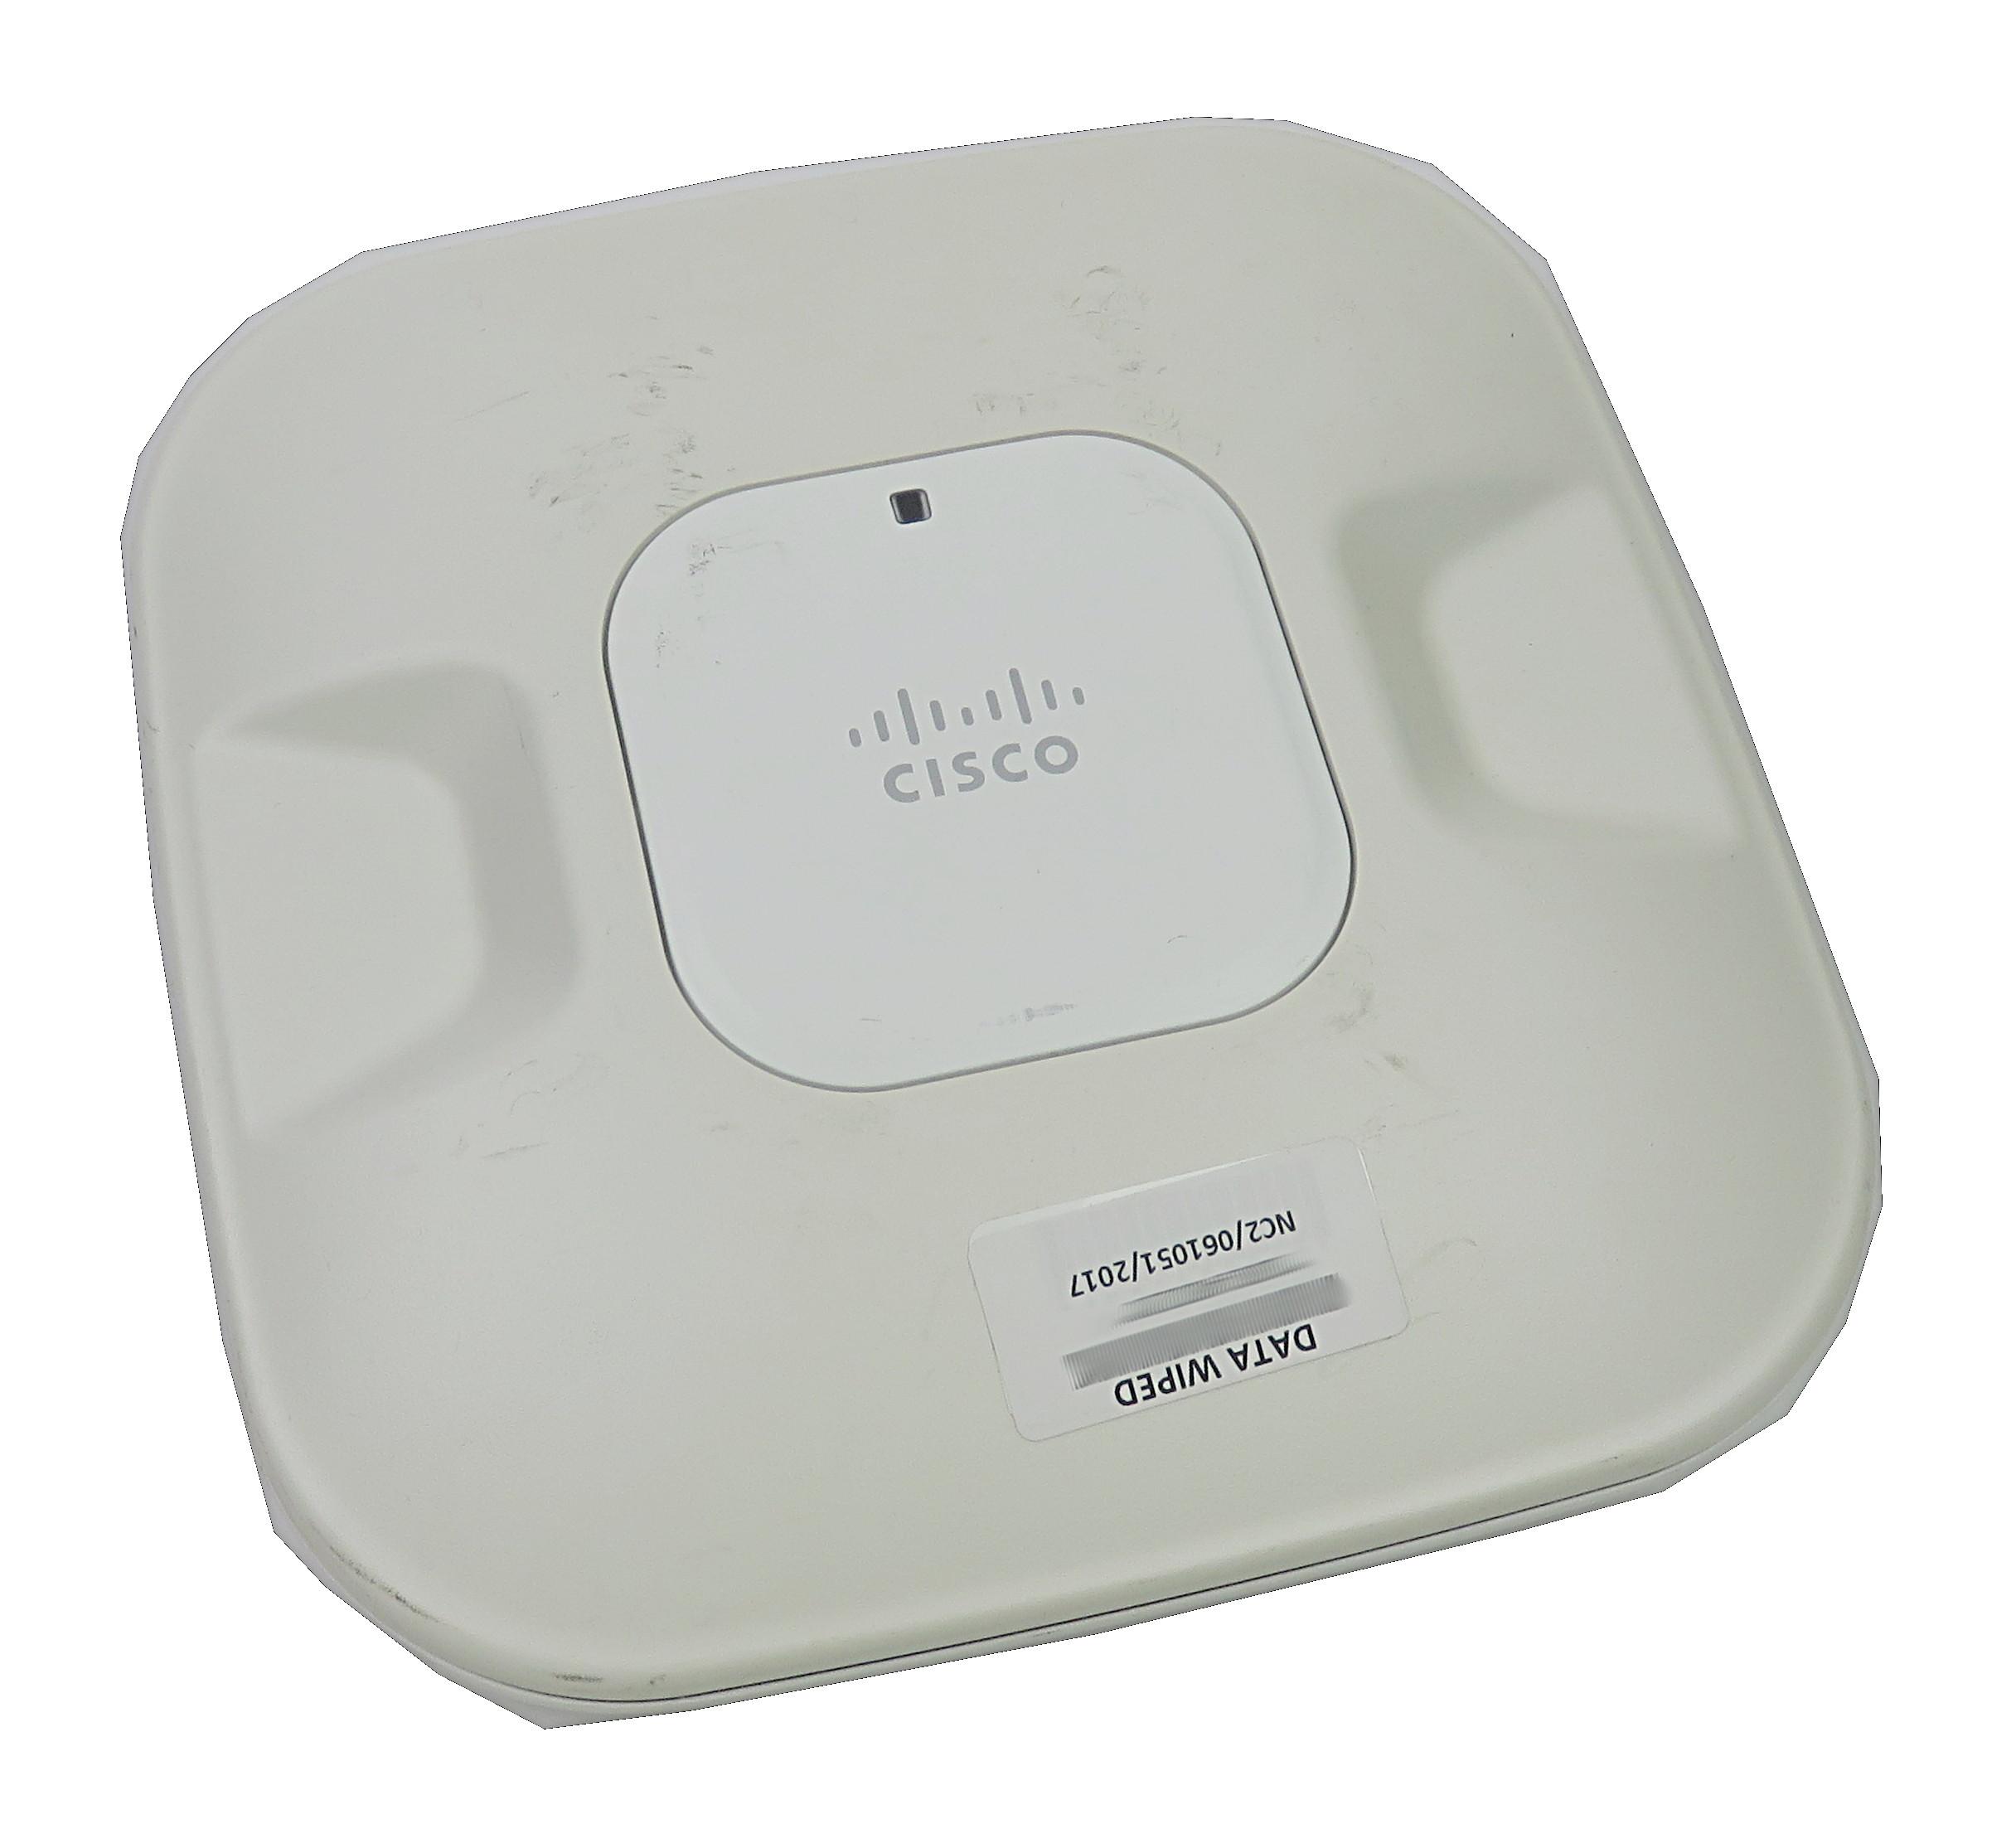 Cisco AIR-LAP1042N-E-K9 Dual-band 802.11a/g/n Wireless Access Point